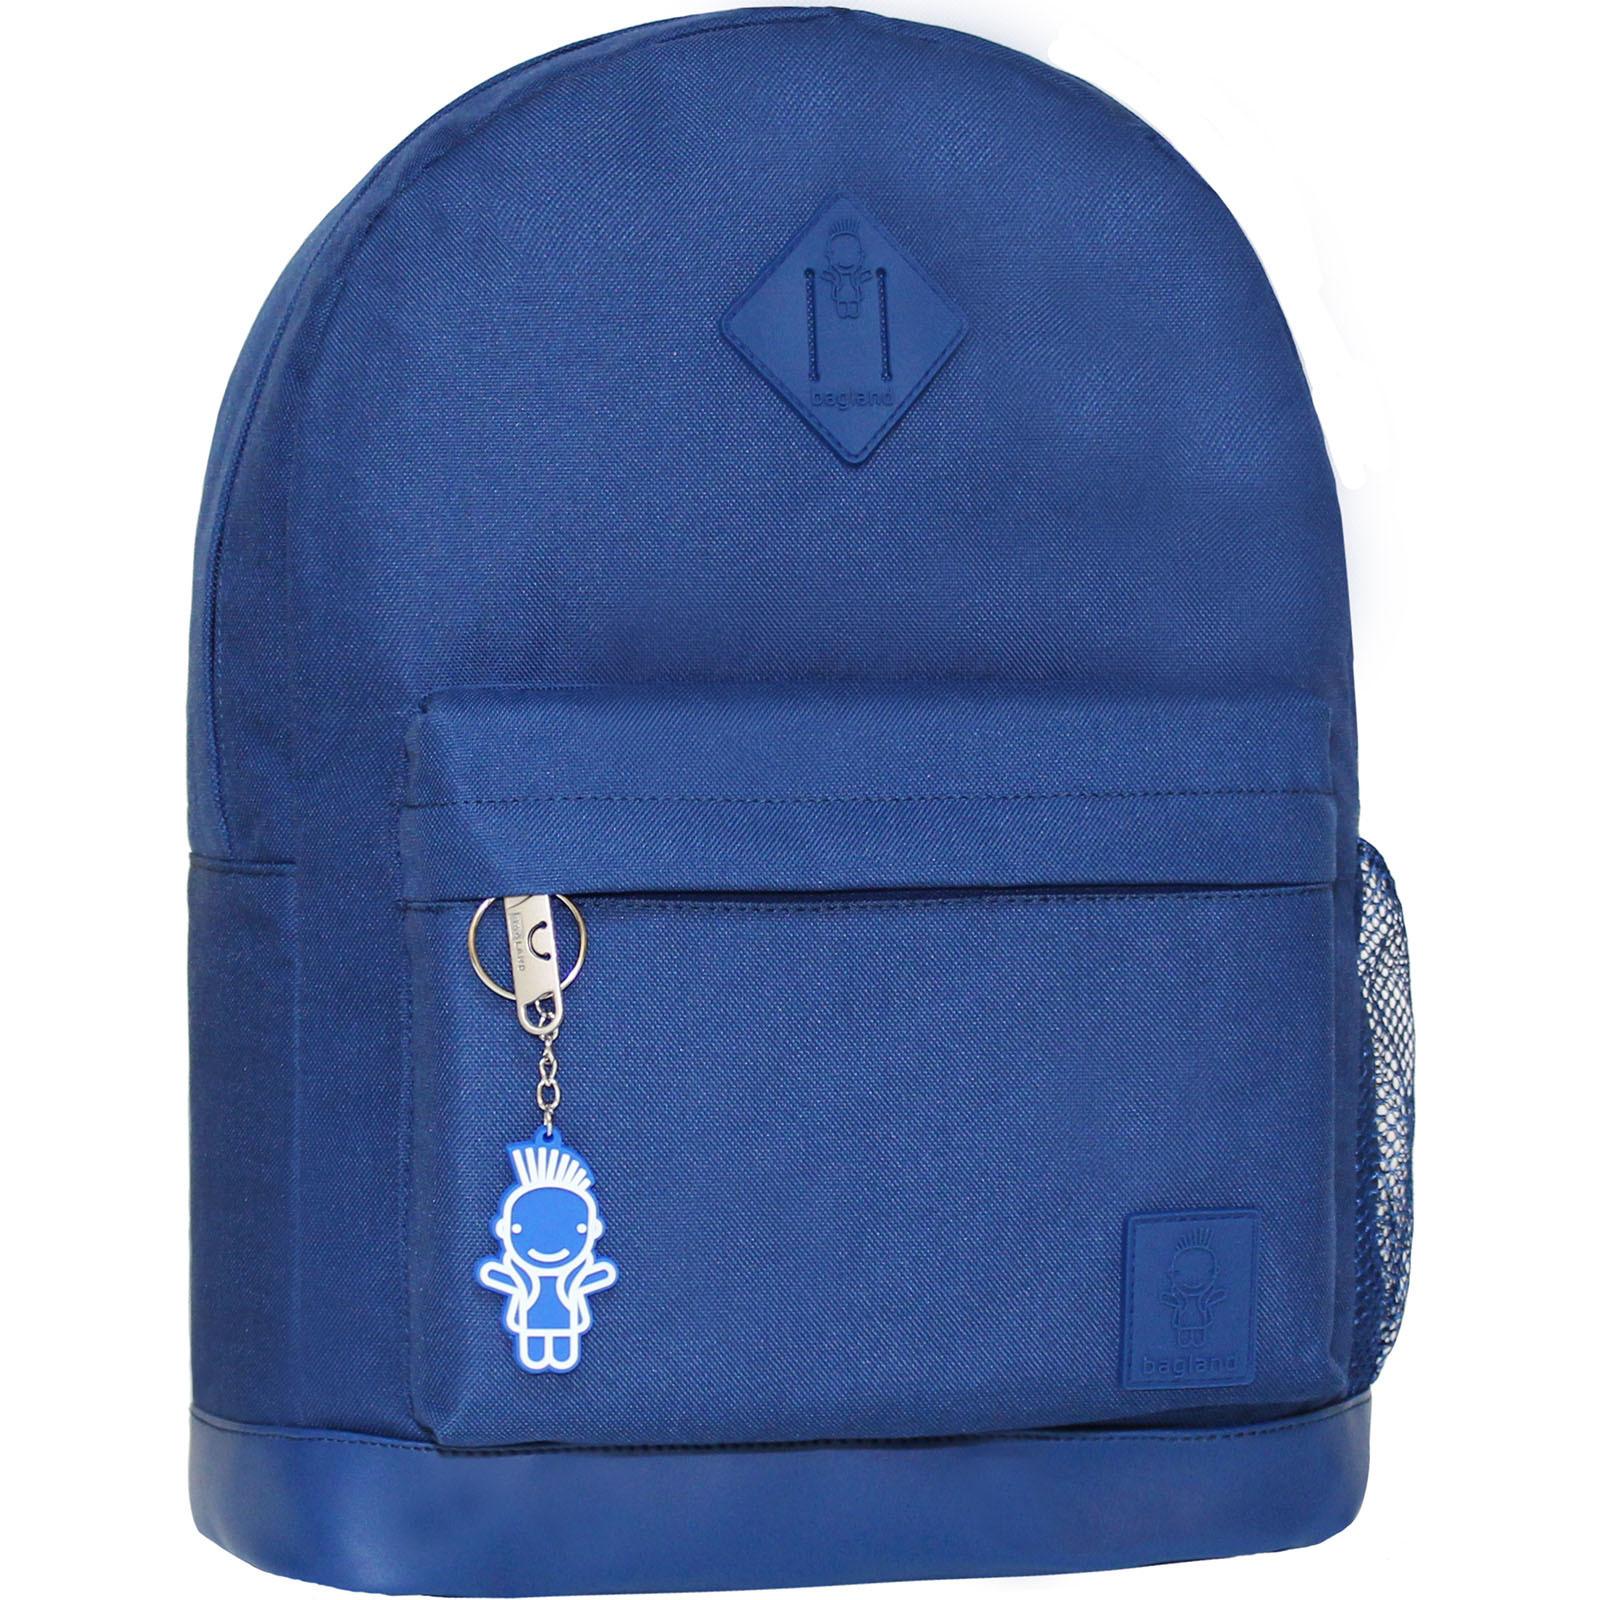 Городские рюкзаки Рюкзак Bagland Молодежный (кожзам) 17 л. Синий (00533663) IMG_3890.JPG